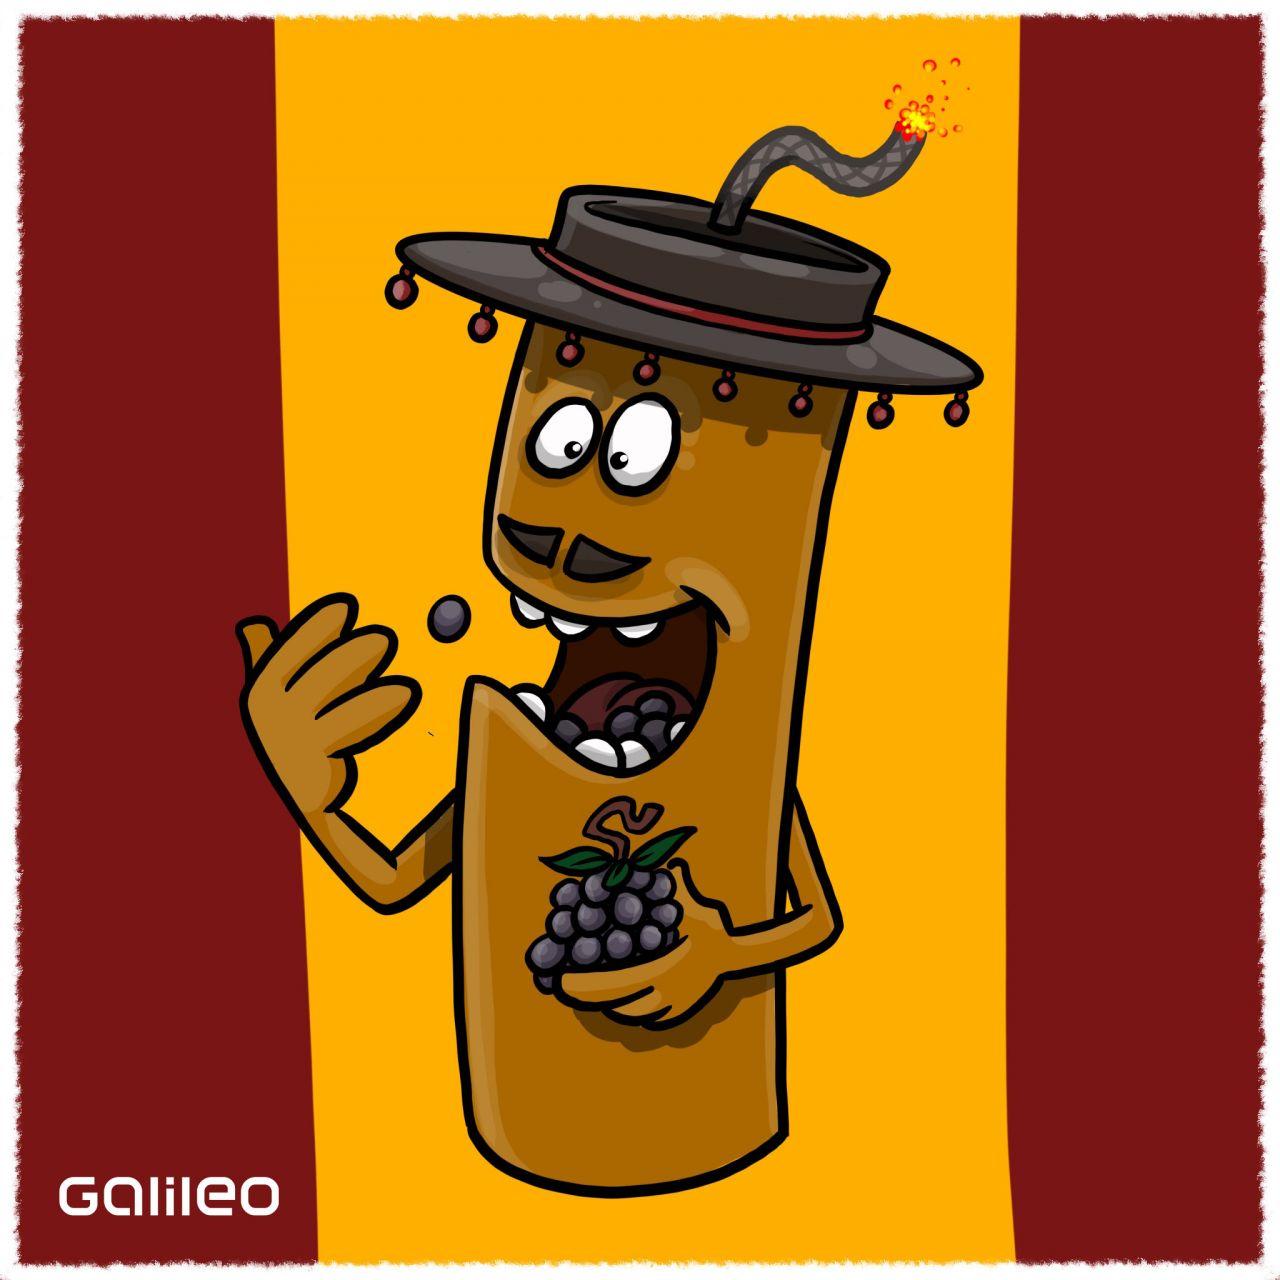 Spanien: Punkt Mitternacht - jetzt geht es in Spanien Schlag auf Schlag. Mit jedem Glockenschlag wird eine Weintraube vertilgt. Alle 12 Trauben in den Backen verstaut, wenn die Kirche verstummt? Dann ist dir das Glück im neuen Jahr sicher.